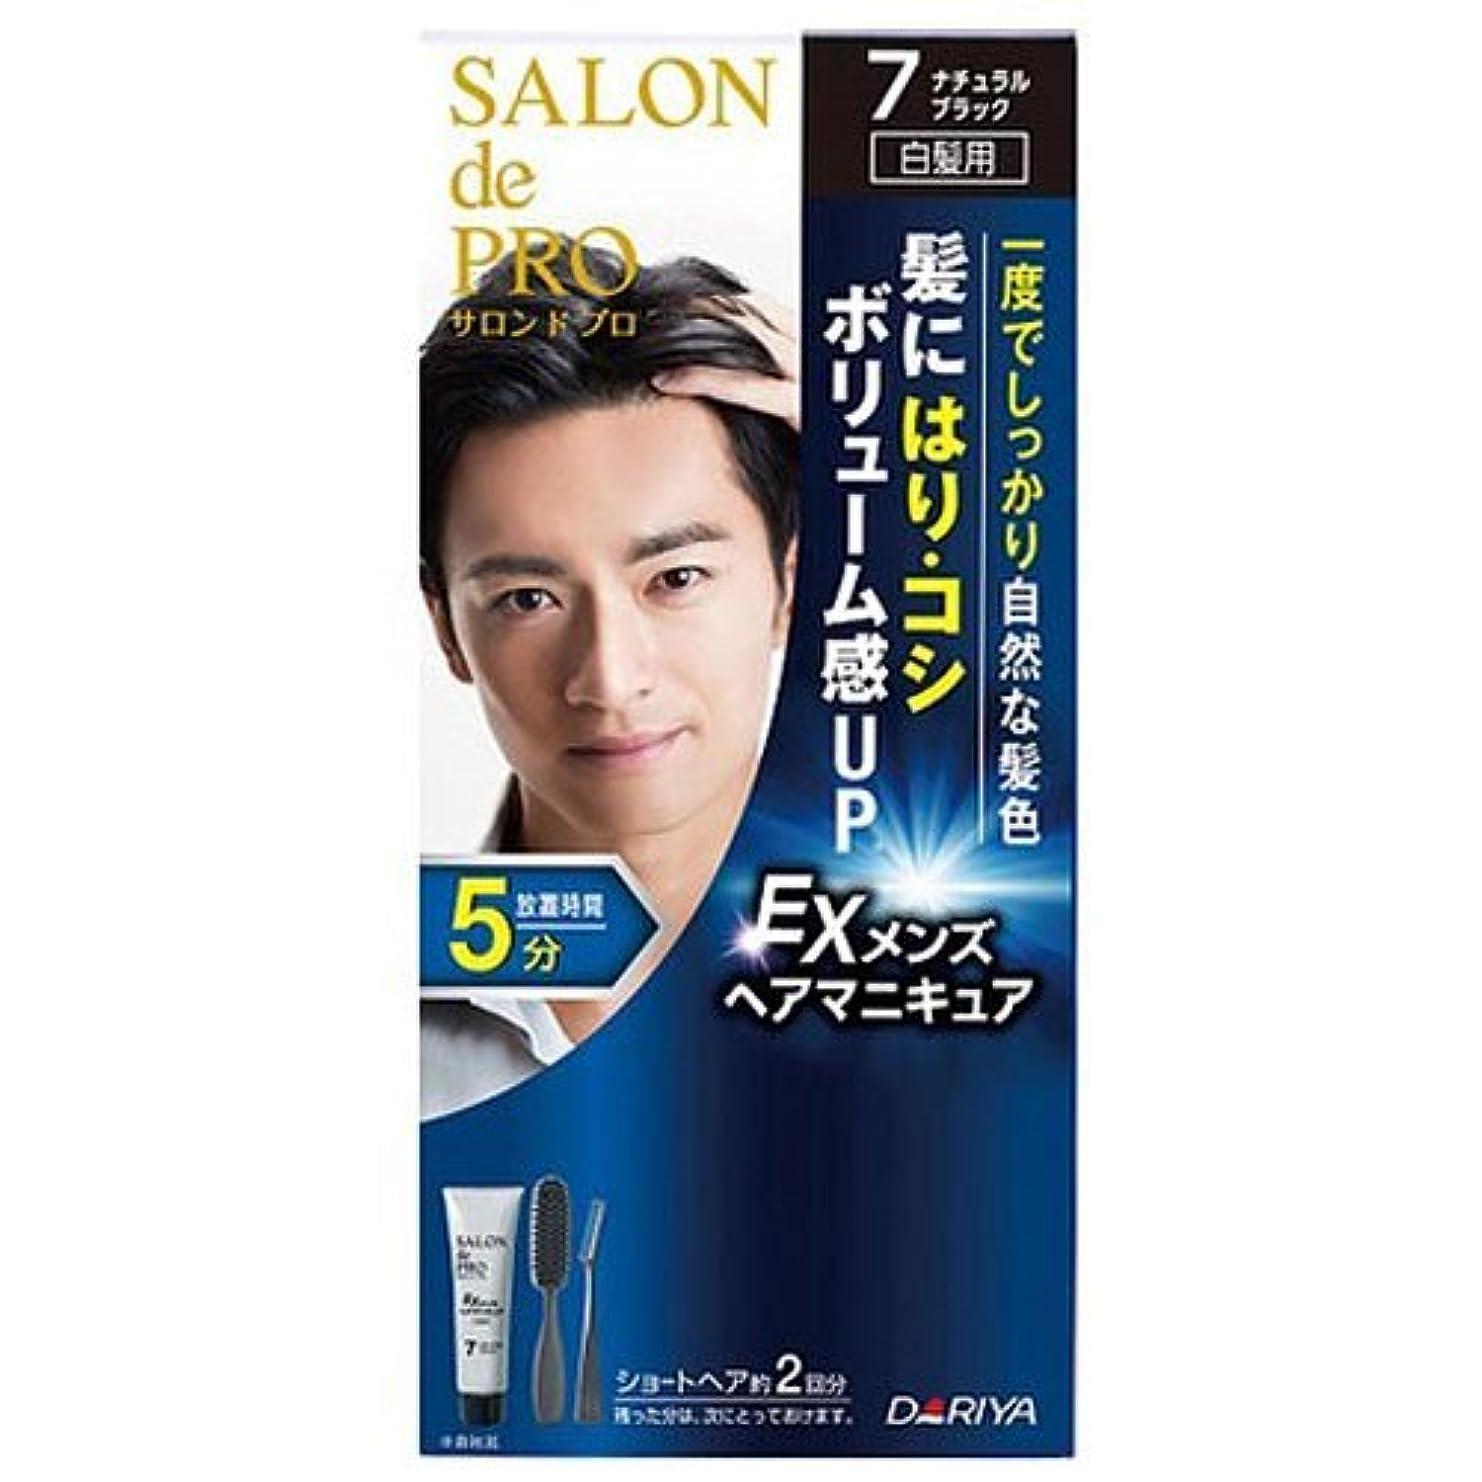 リットル傾斜フォーカスサロンドプロ EXメンズヘアマニキュア 白髪用 7 ナチュラルブラック